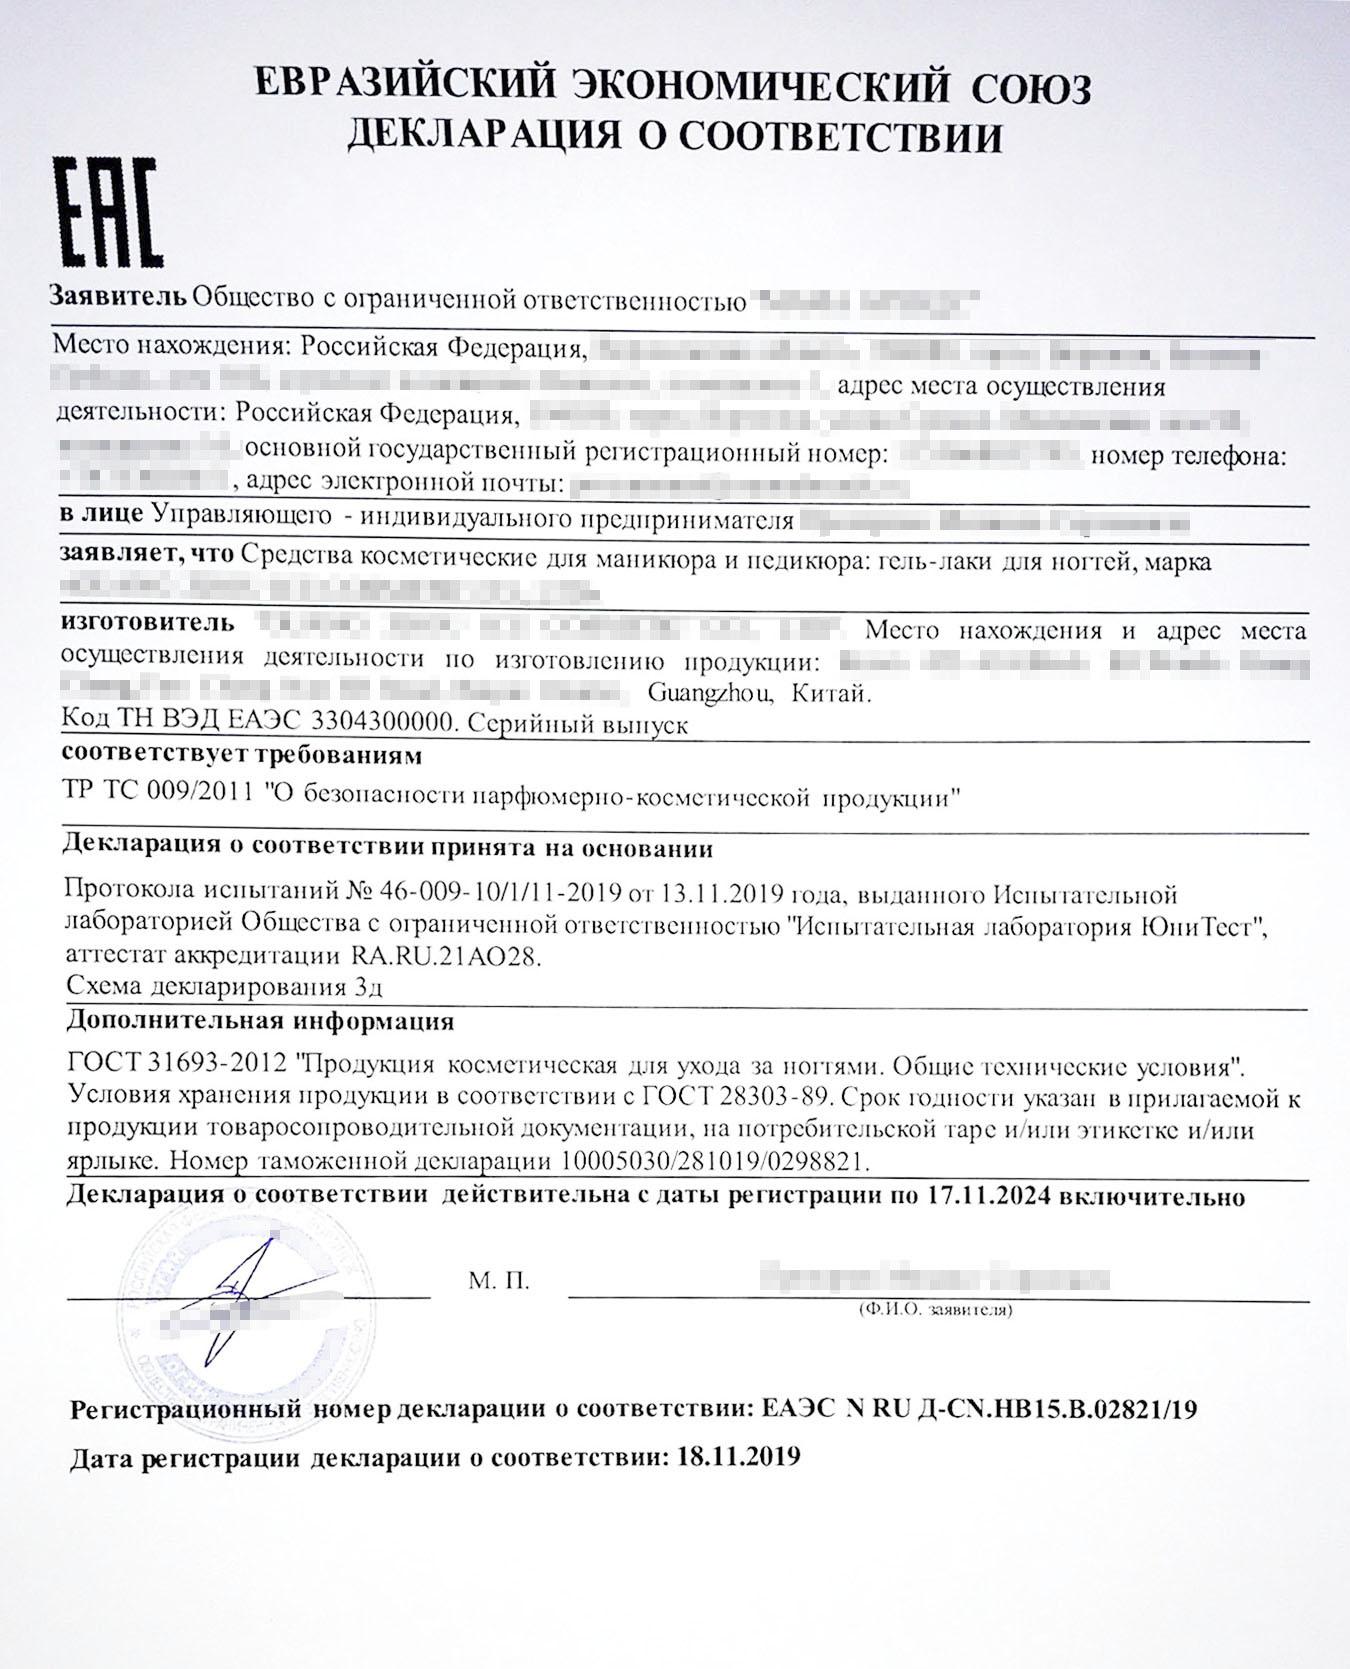 Чтобы привезти в Россию лак дляногтей, нужна декларация о соответствии. Этот документ подтверждает, что лак безопасен и может продаваться на территории страны